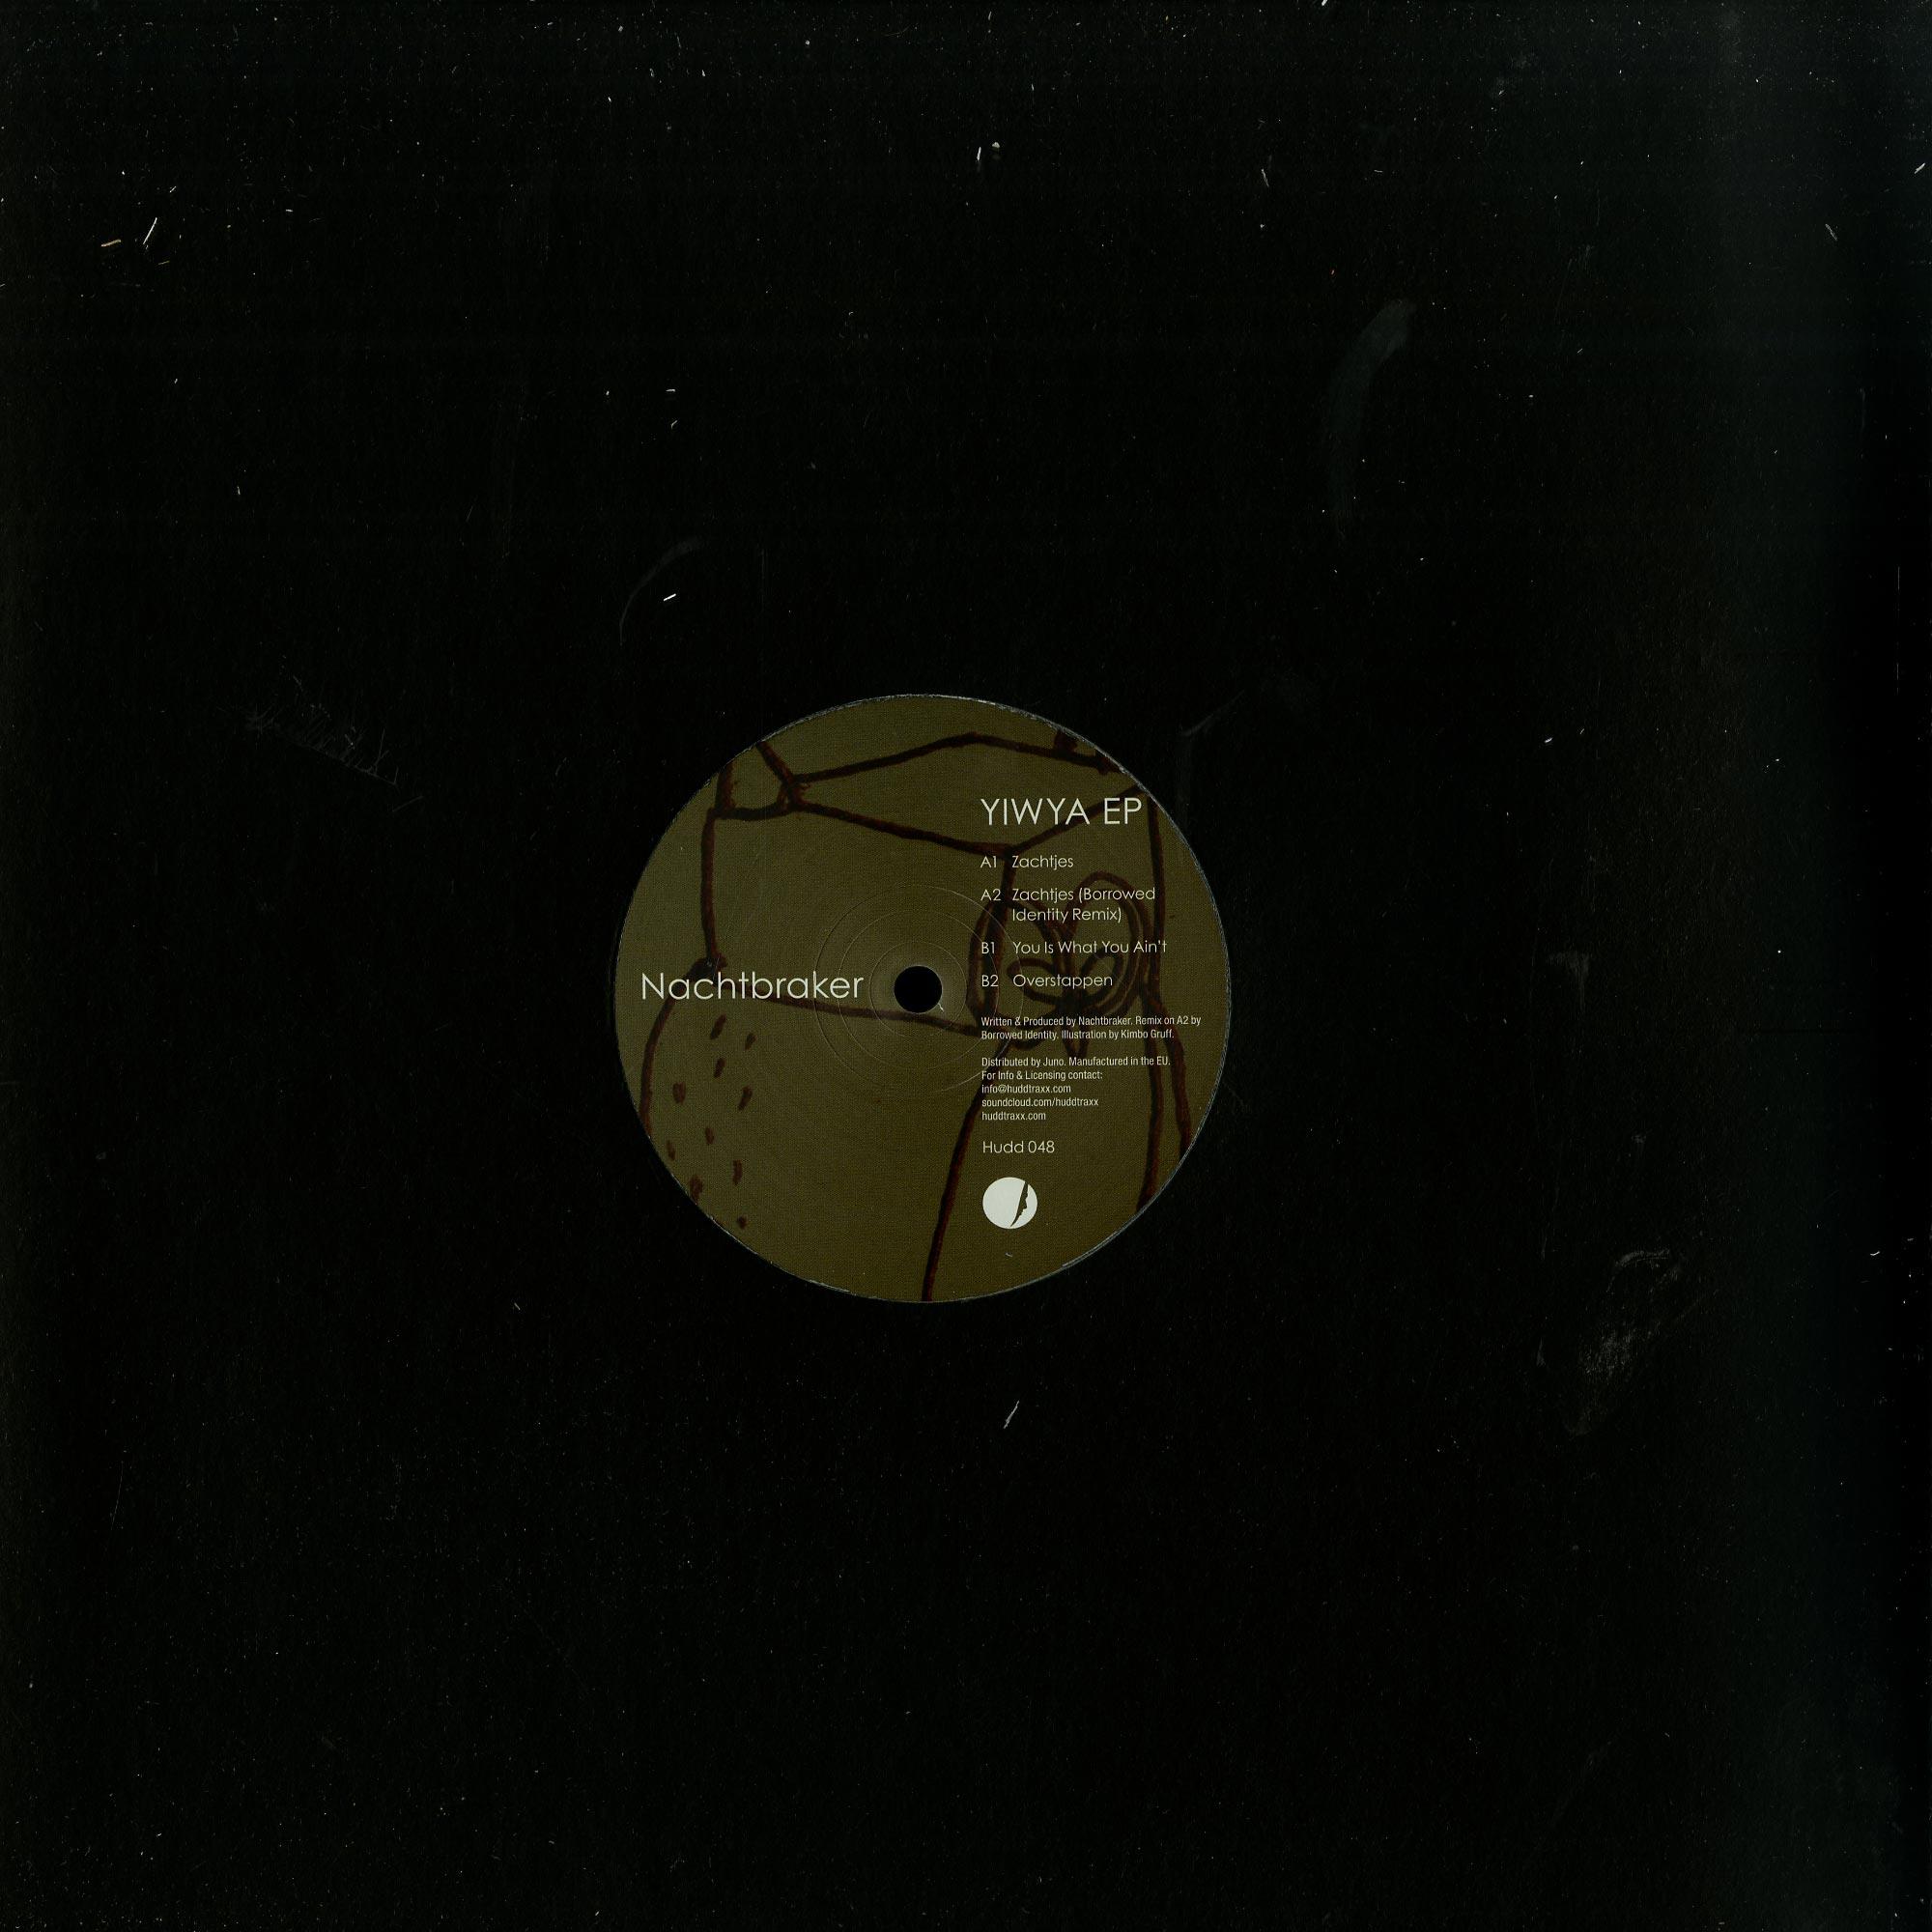 Nachtbraker - YIWYA EP